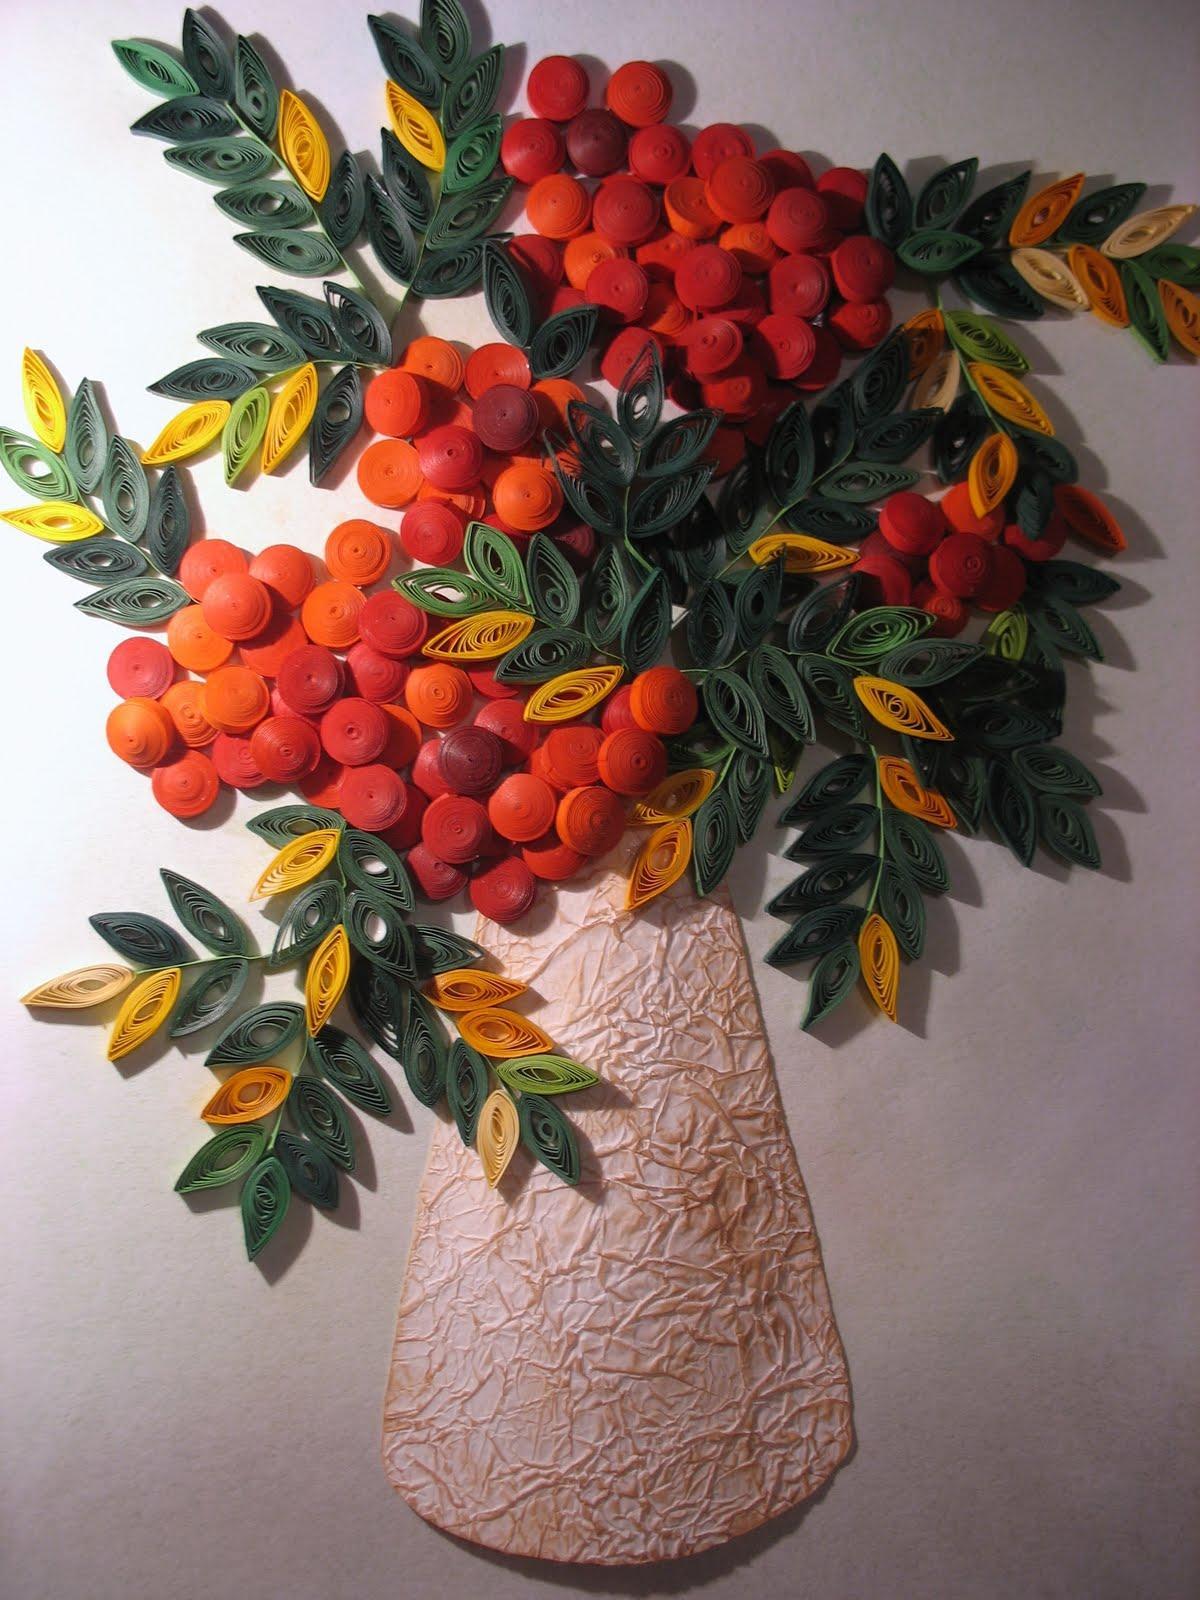 IMG_7524 Рябина квиллинг: осеннее дерево из бумаги в фото МК